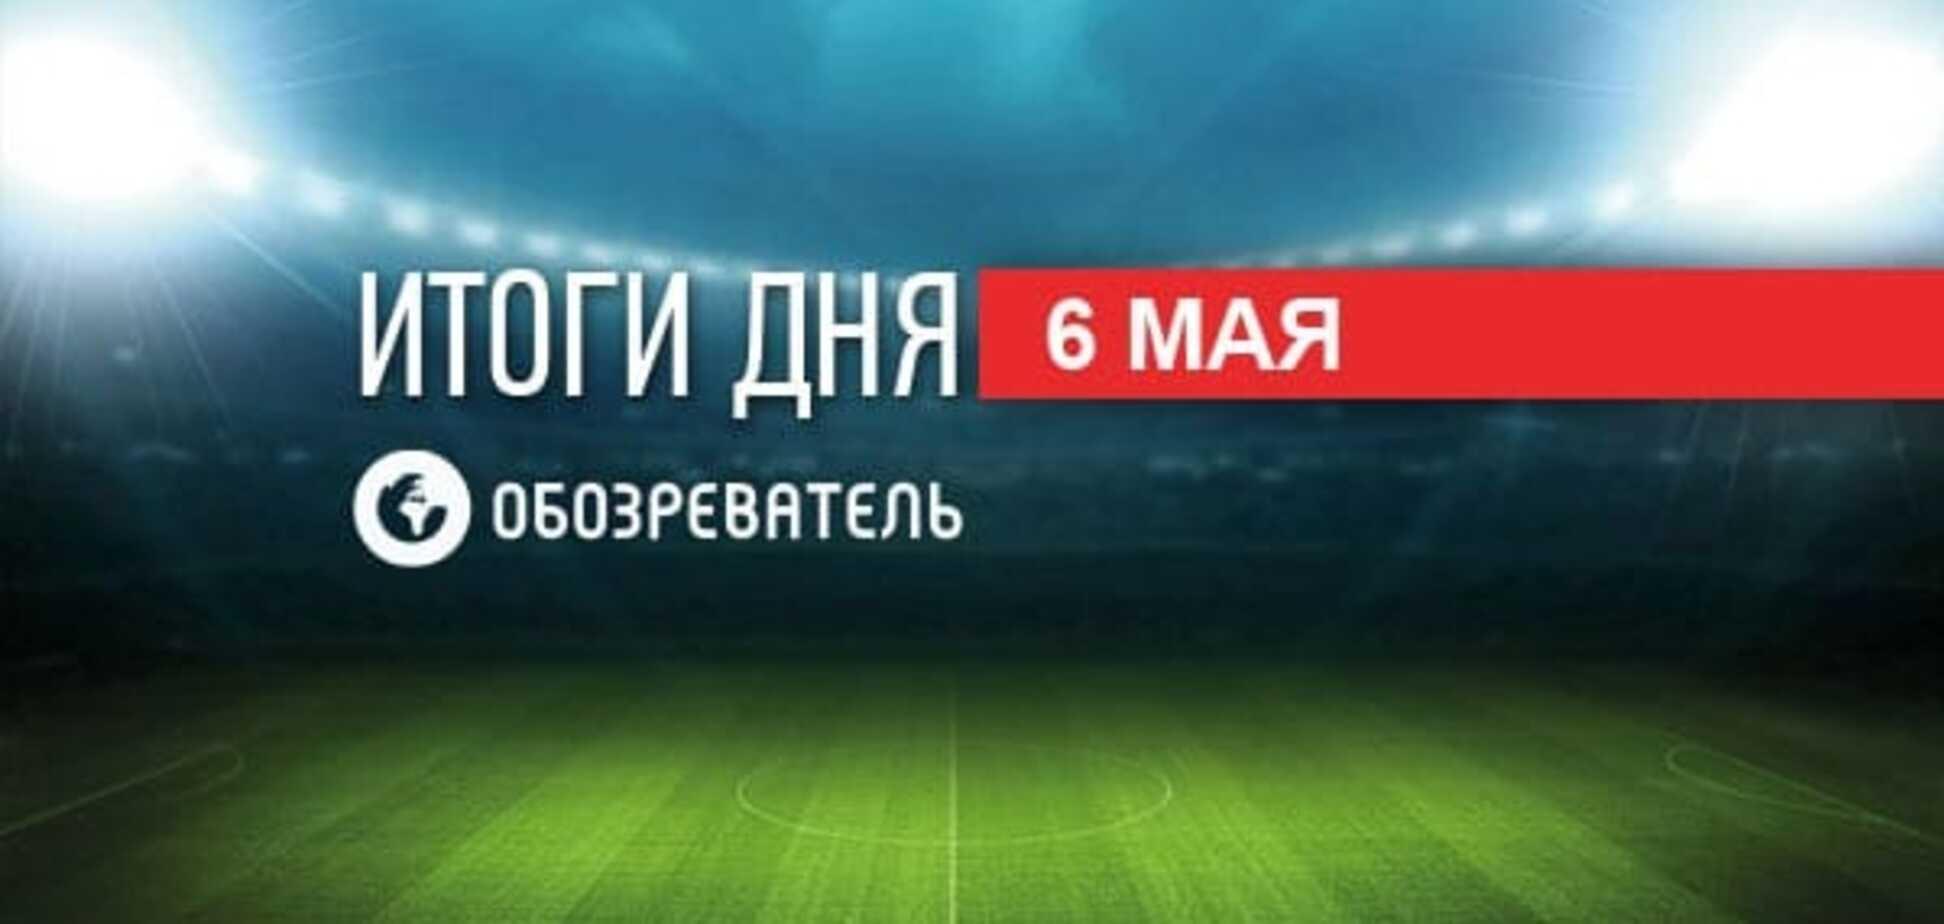 'Динамо' поглумилось над 'Шахтером' и Россия опозорилась на чемпионате мира. Спортивные итоги 6 мая